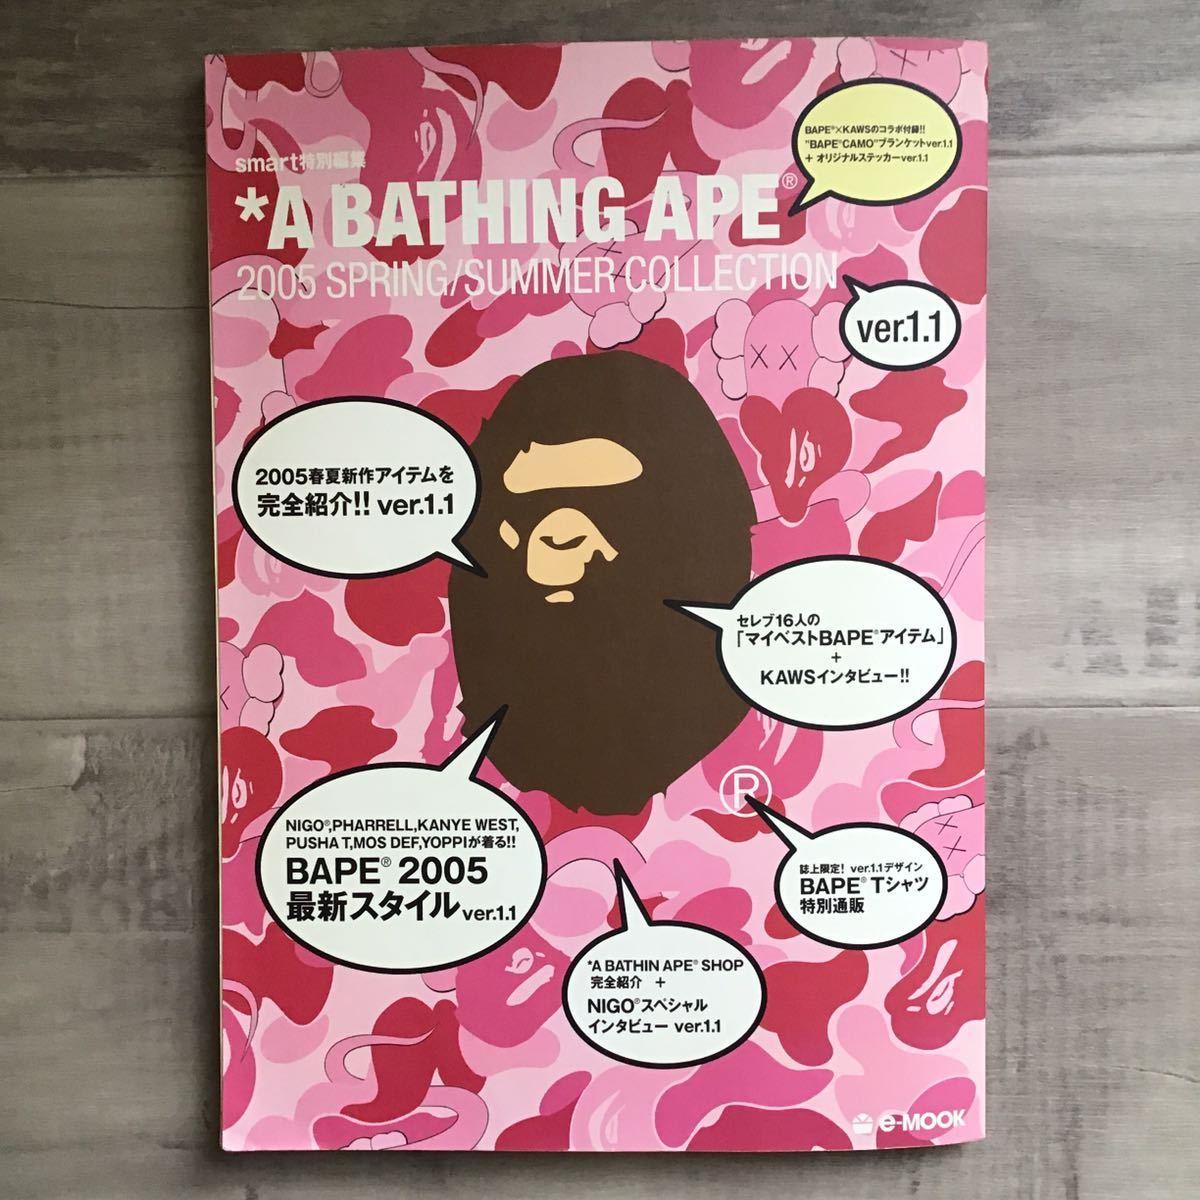 ★付録未開封★ kaws 2005 S/S ムック本 a bathing ape bape カウズ mook ブランケット エイプ ベイプ pharrell kanye bendy